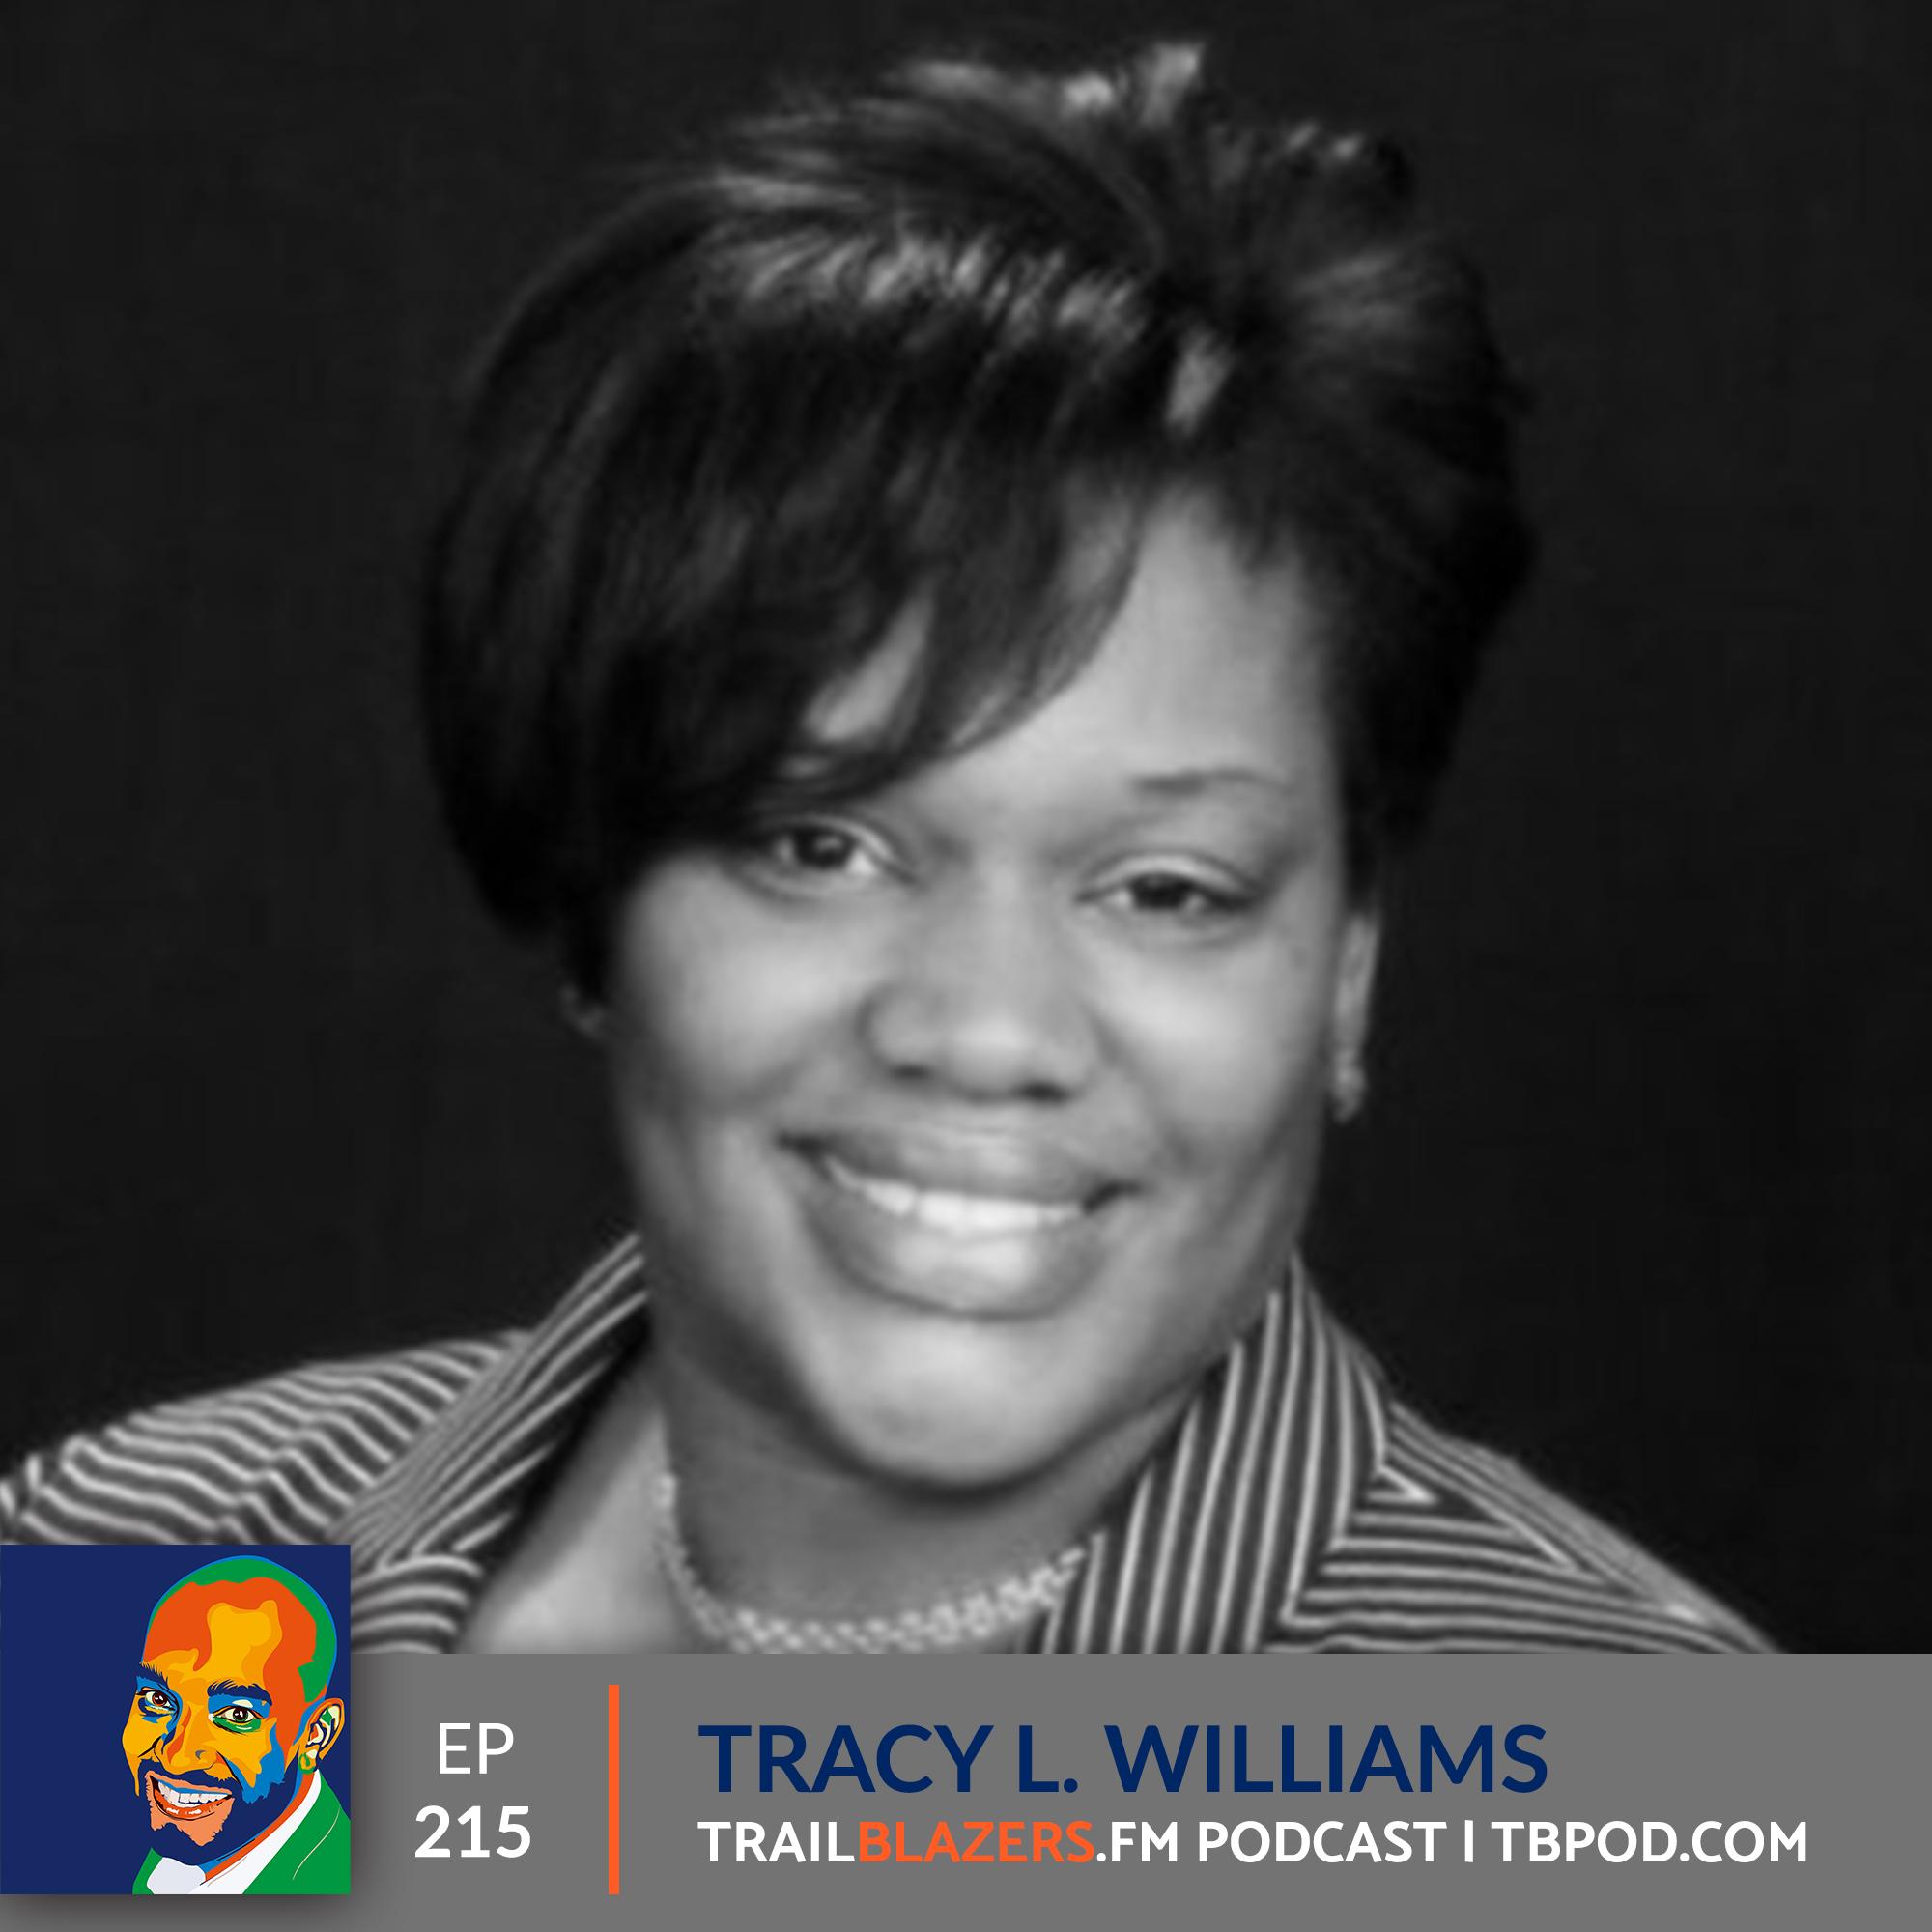 Tracy L. Williams